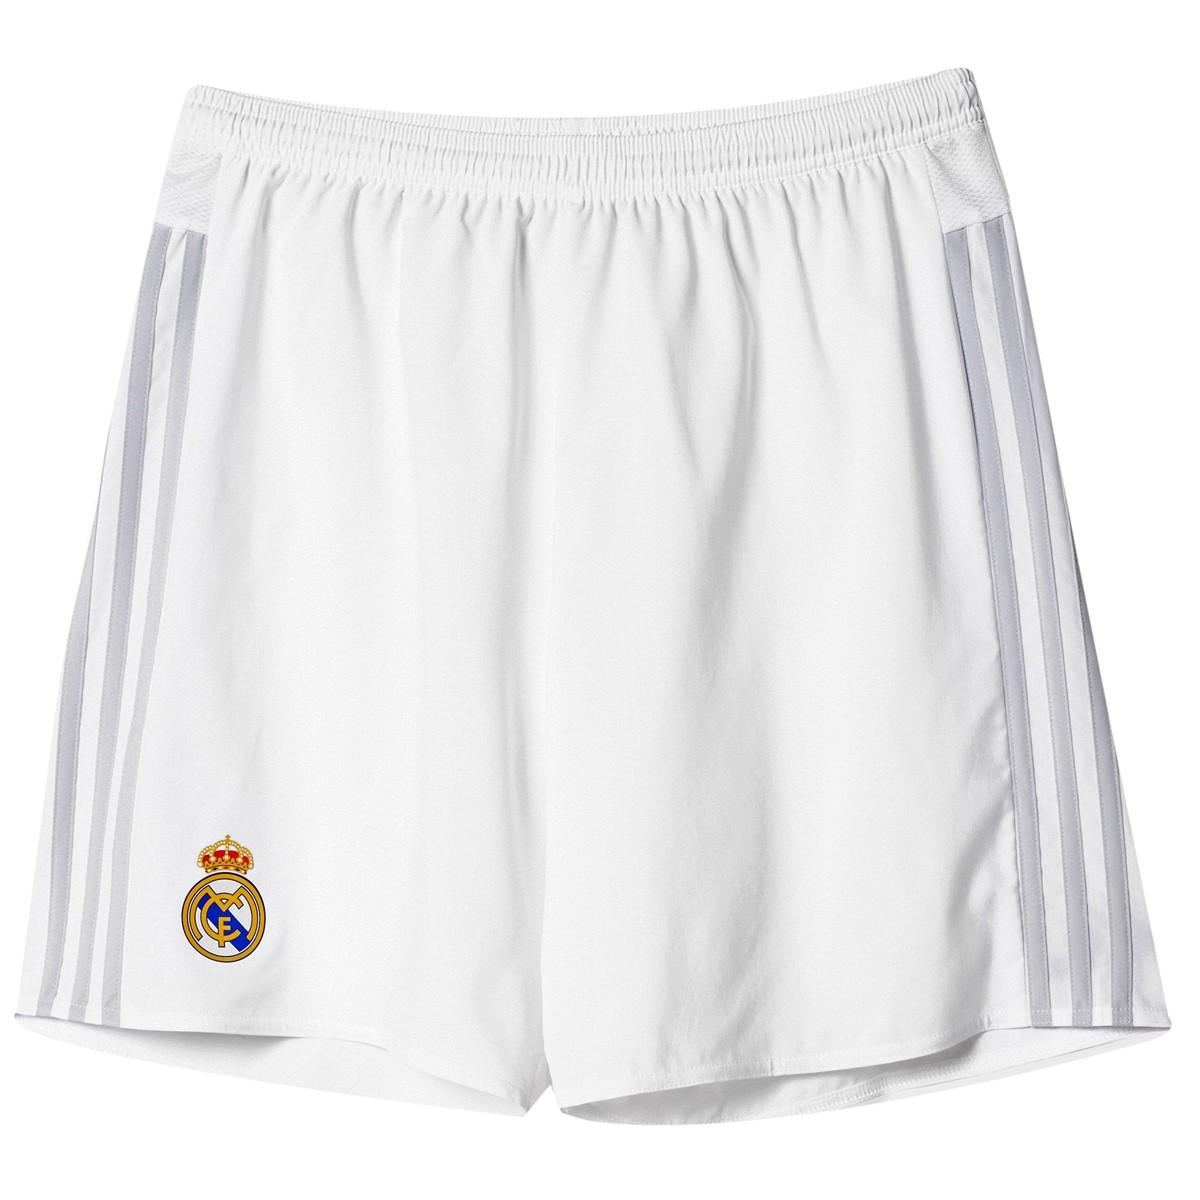 2cb6855b7d Calção de Futebol Adidas Real Madrid I S18149 - Branco - Calçados ...